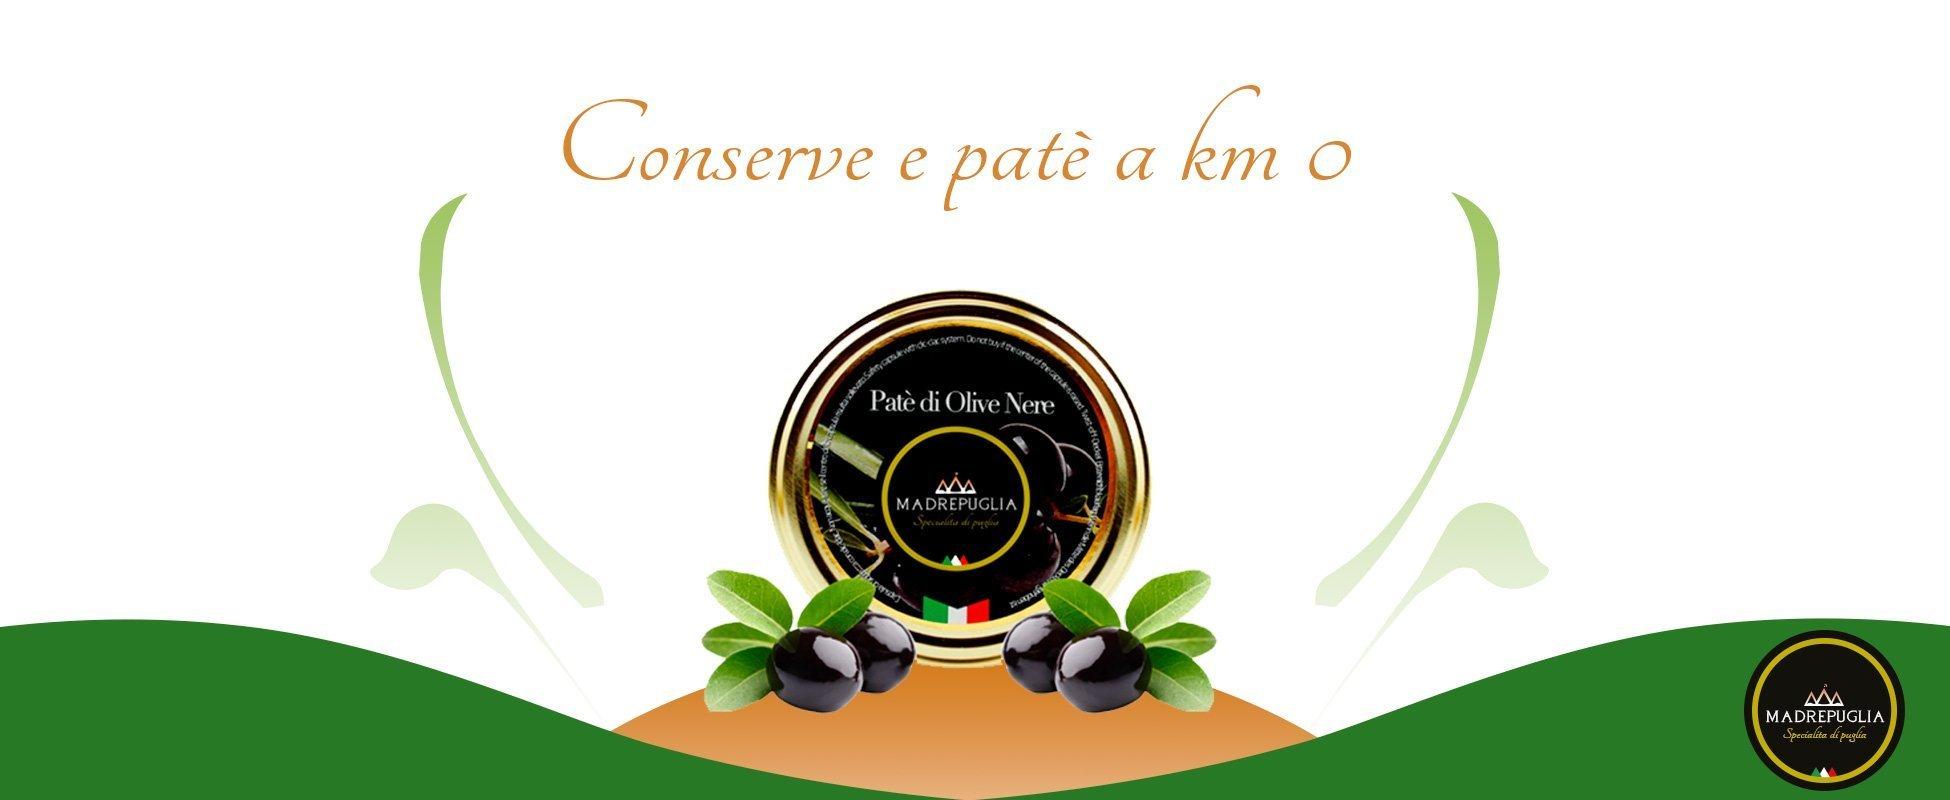 sott'olio-pate-conserve